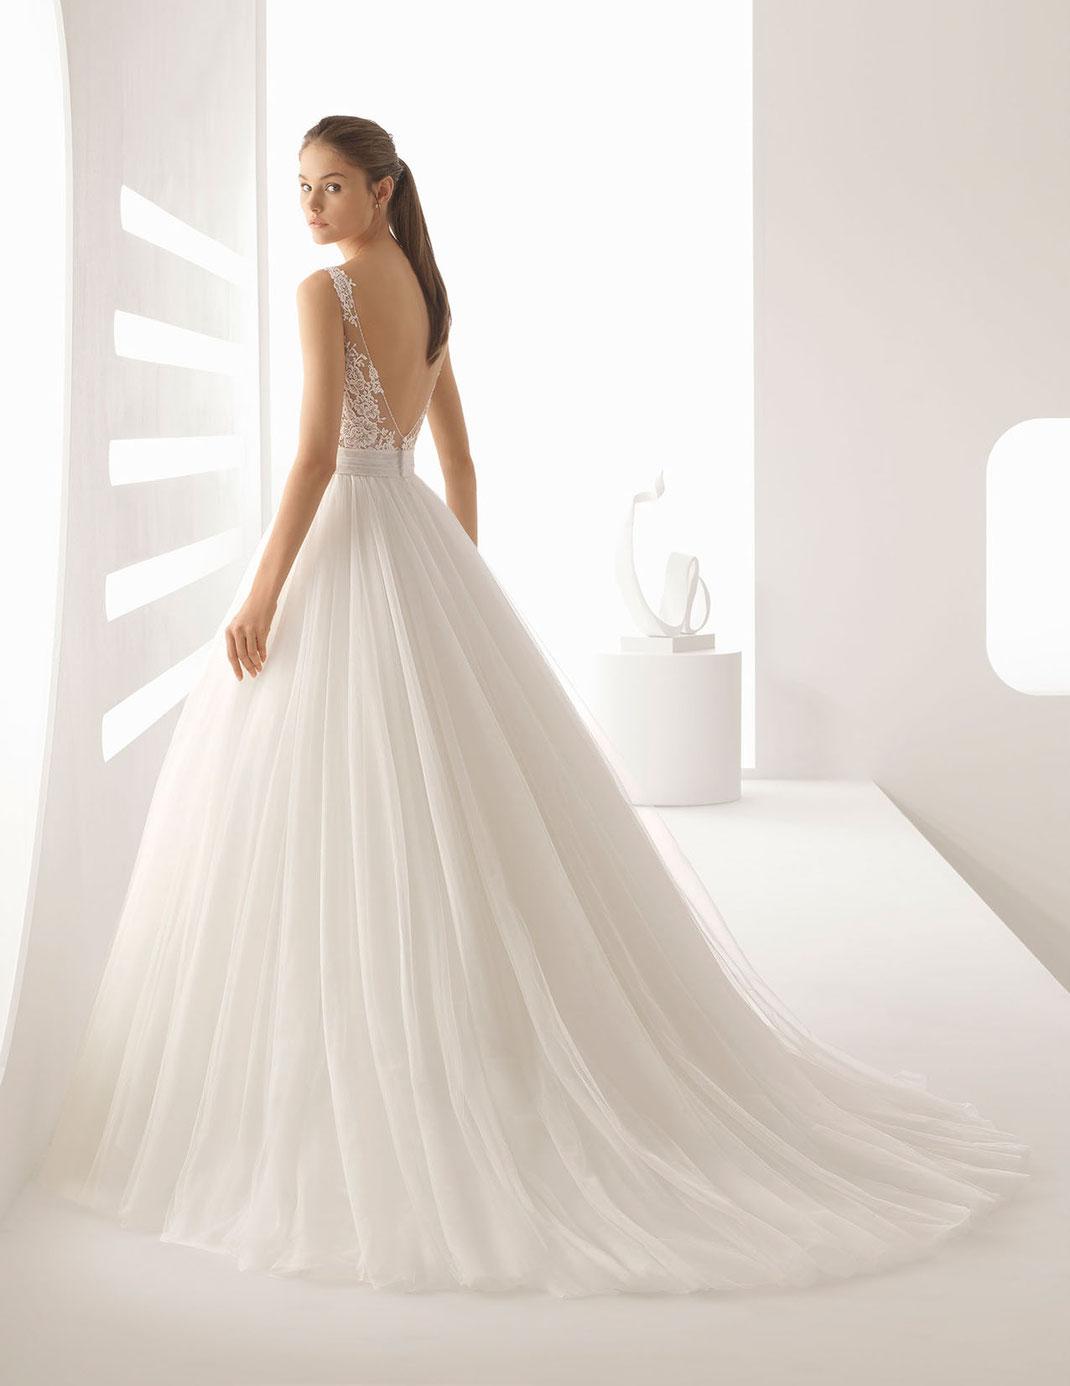 Brautkleid Alejo aus der Rosa Clará Kollektion 2020. Princess-Brautkleid aus strassbesetzter Spitze und Tüll.